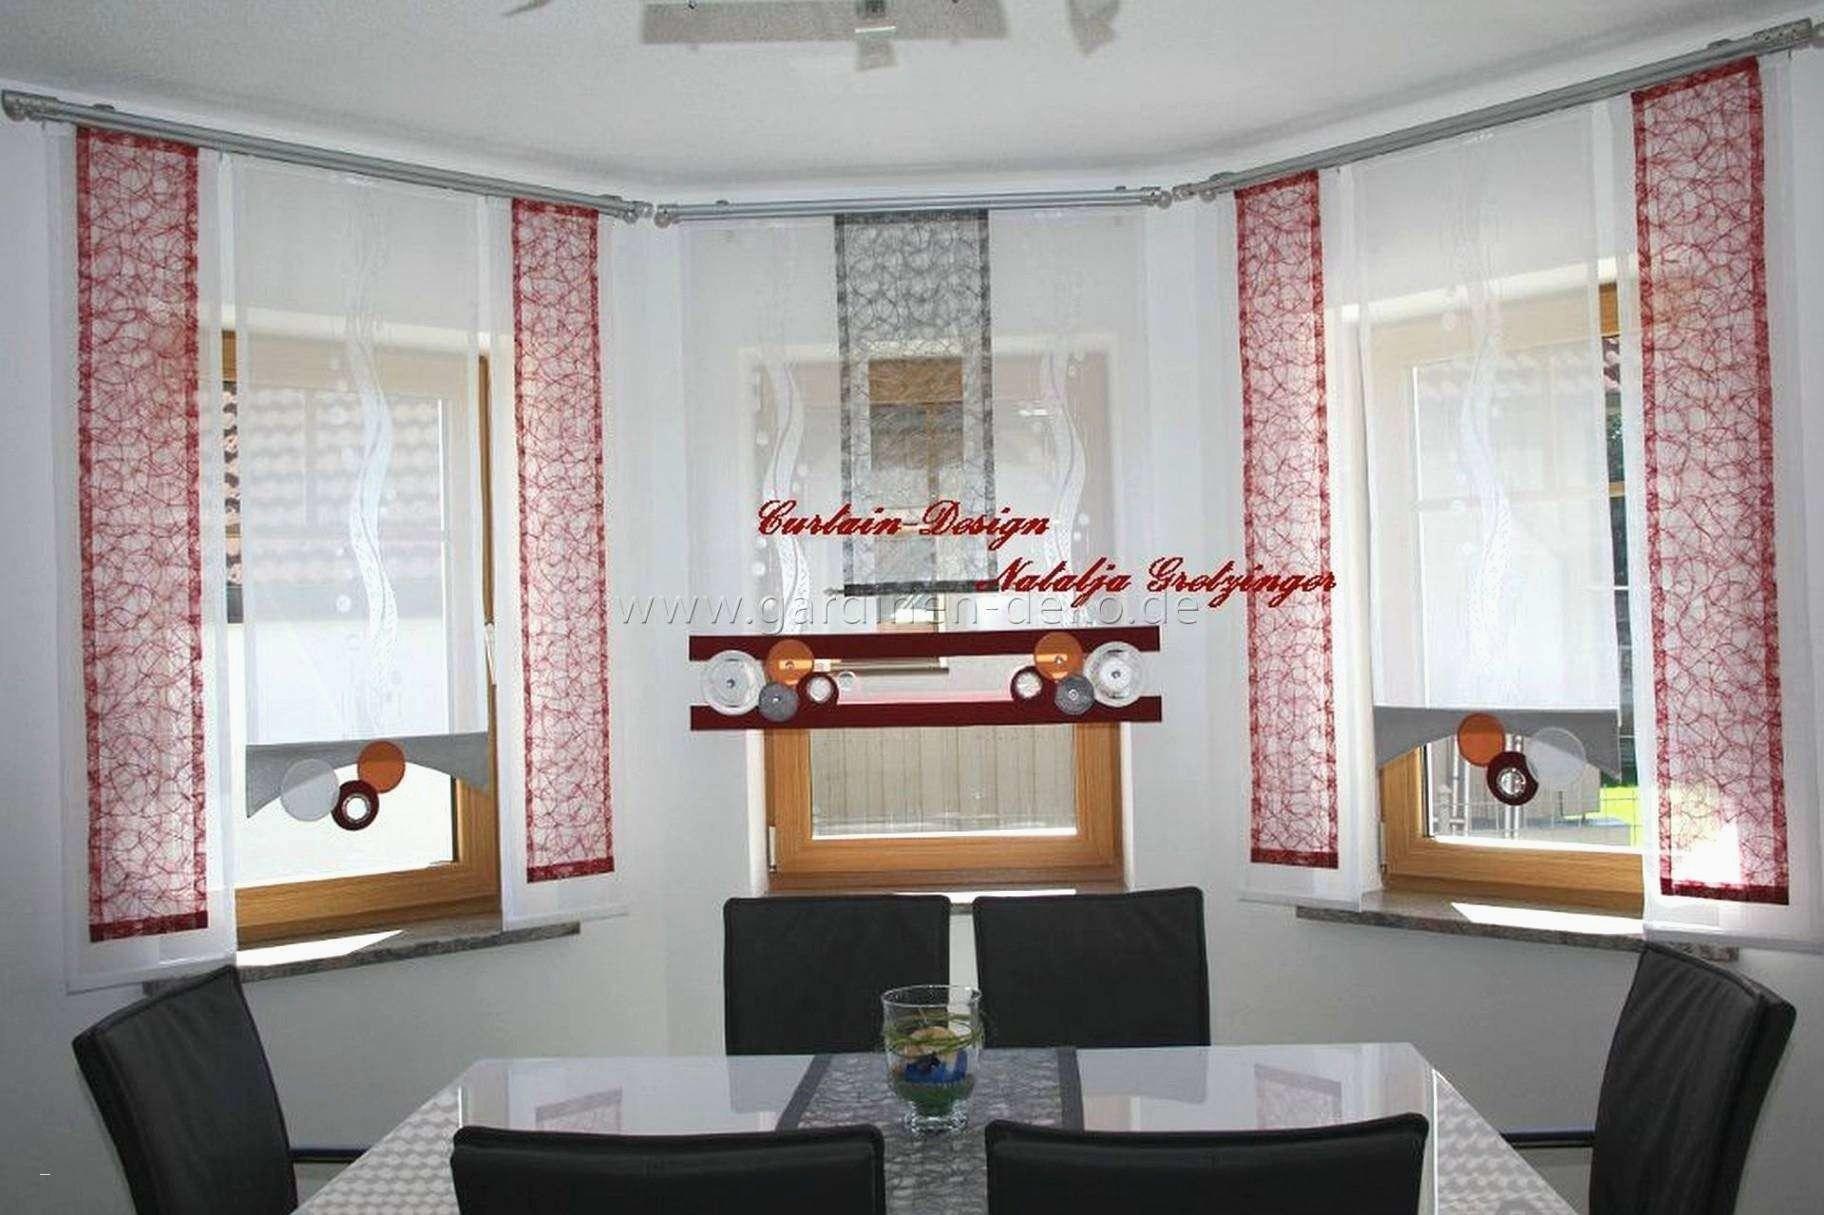 Full Size of Gardinen Wohnzimmer Modern Fototapete Vorhänge Wandtattoo Liege Wandbilder Schrank Deckenlampe Esstisch Deckenleuchte Tapete Küche Wohnzimmer Gardinen Modern Wohnzimmer